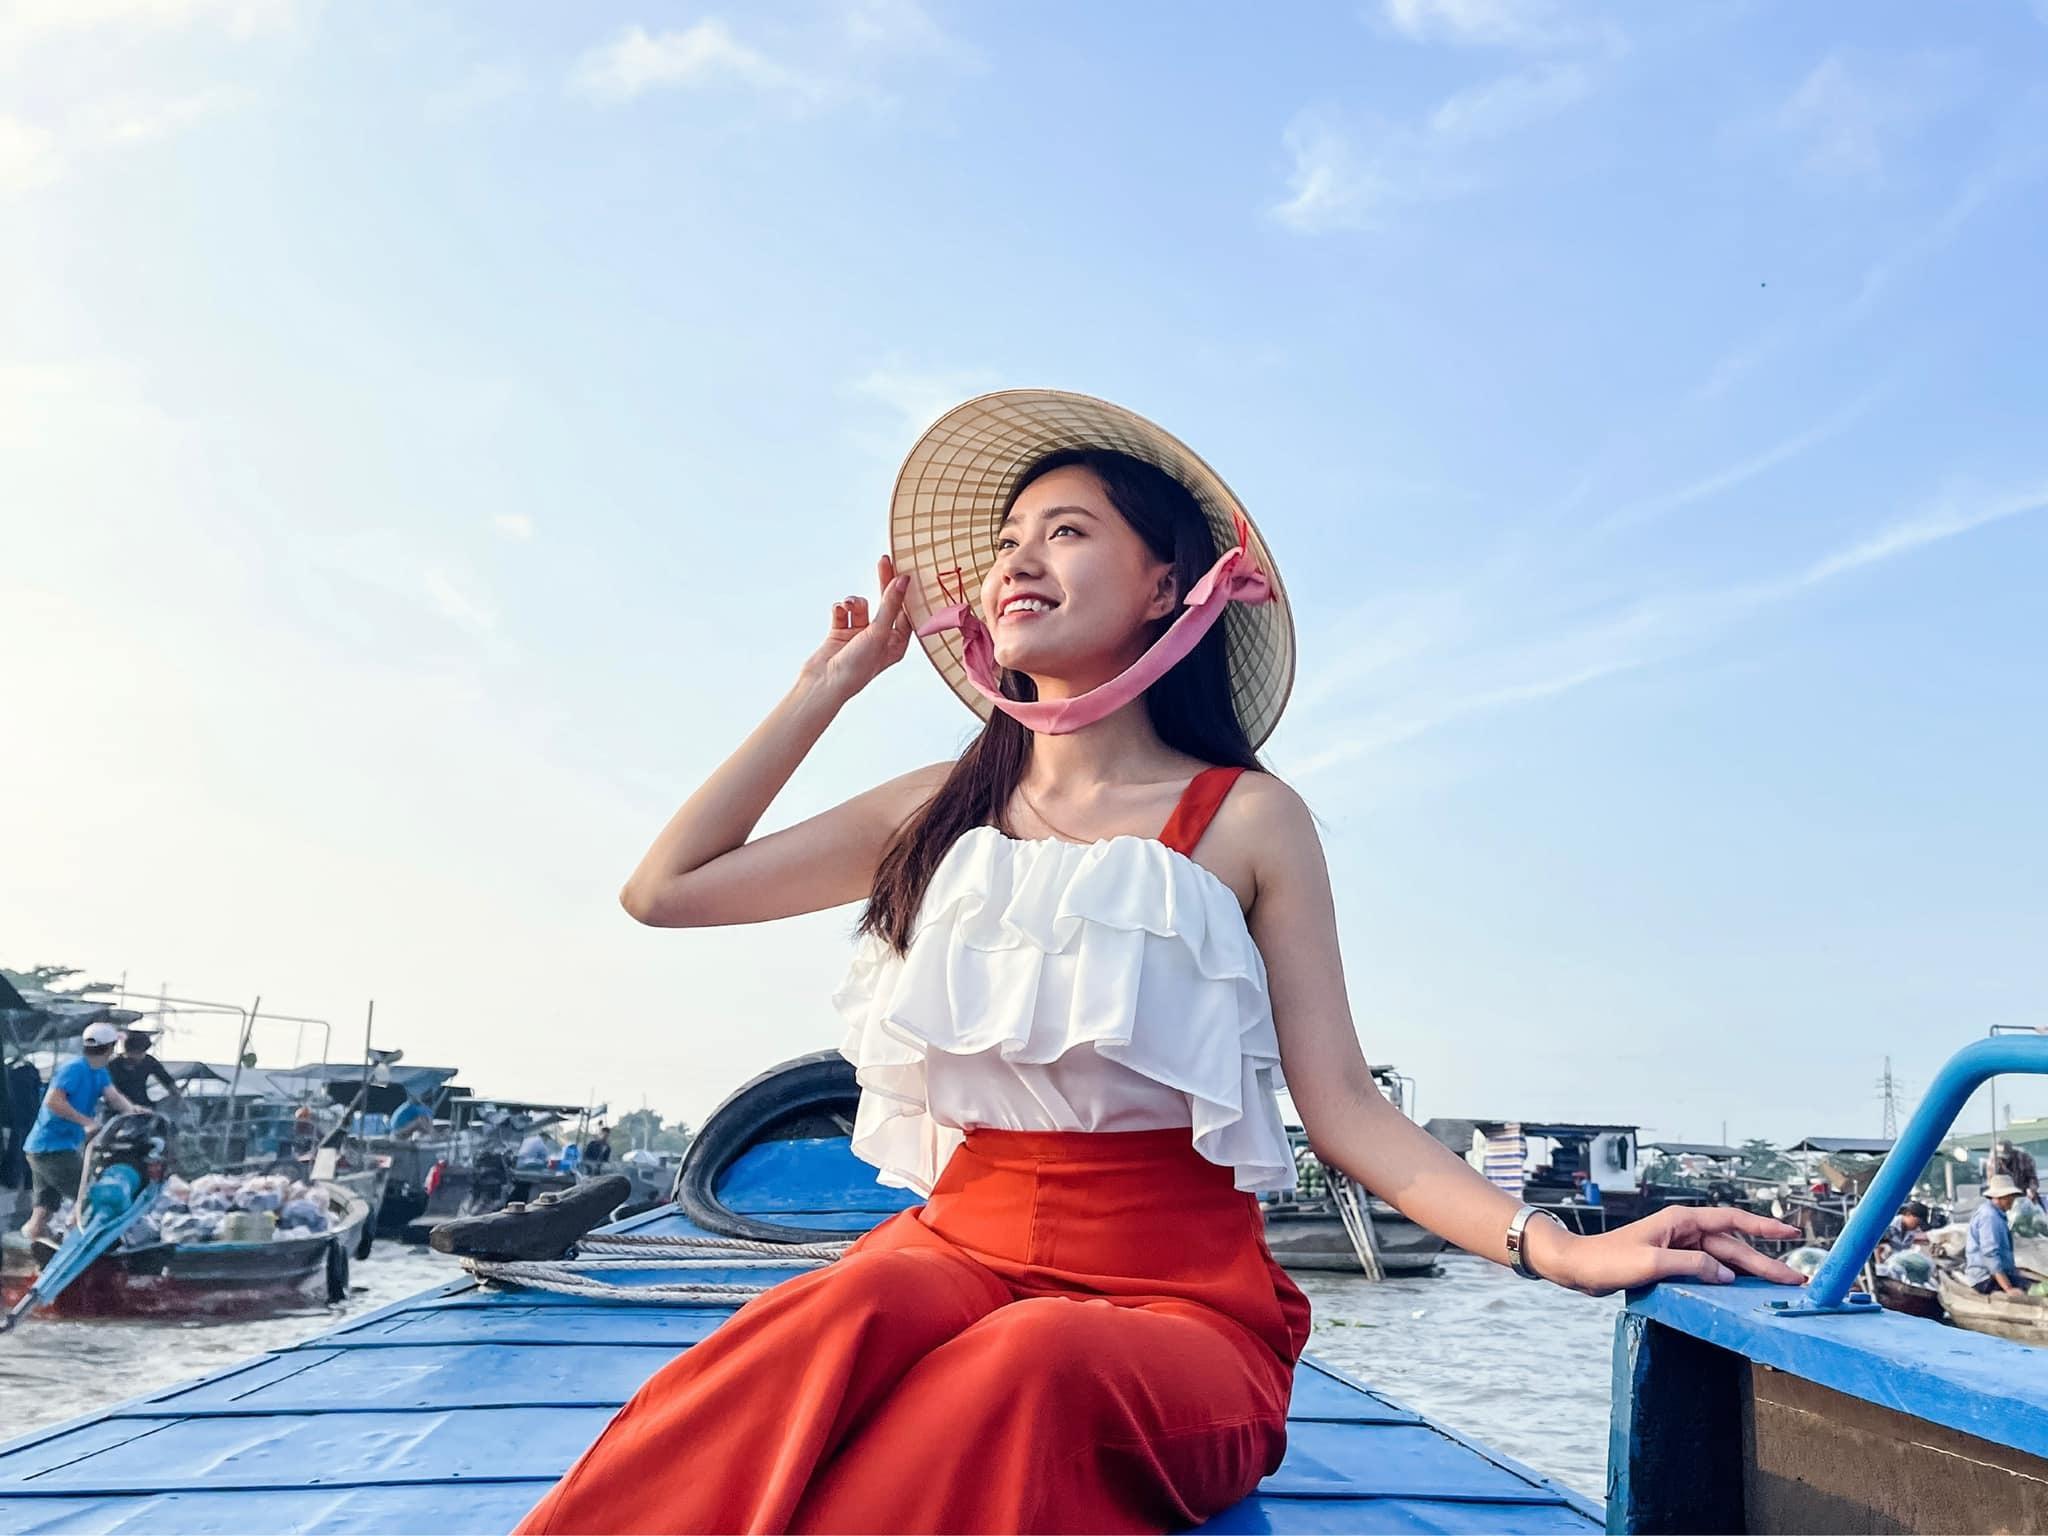 MC thời tiết VTV Xuân Anh: Tết mệt nhưng vui!